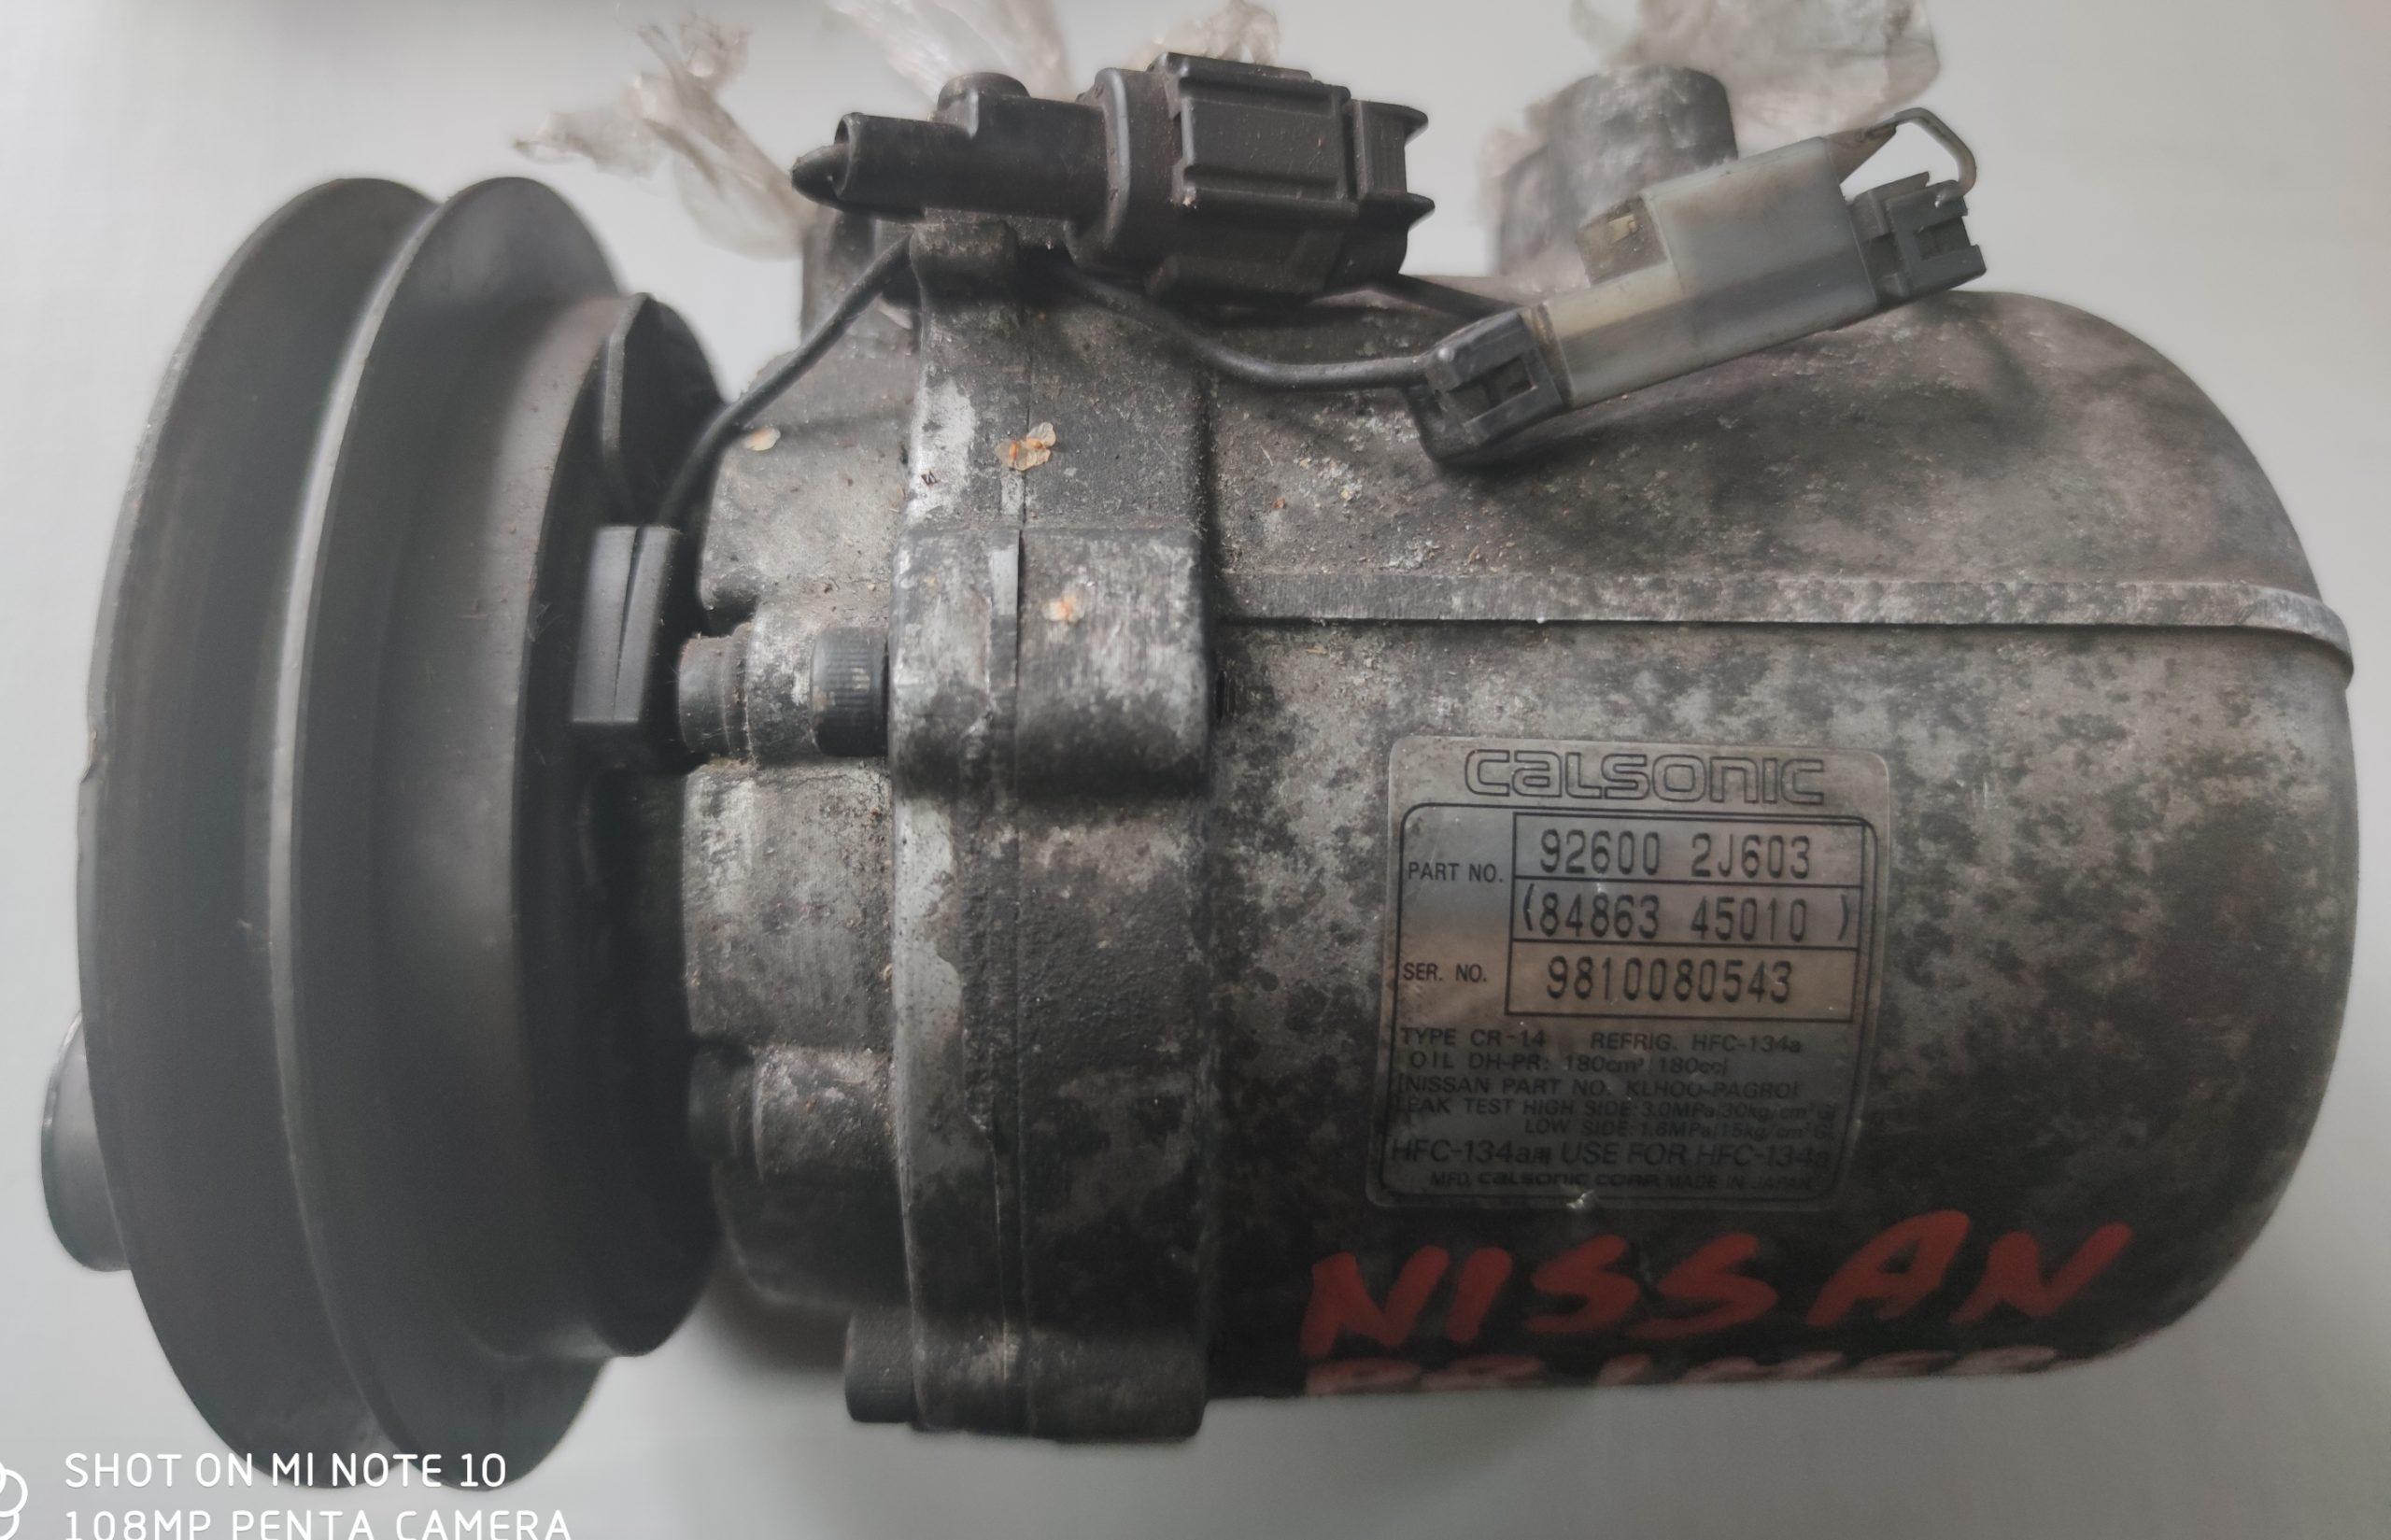 Sprężarka Klimatyzacji Nissan 92600-2J603